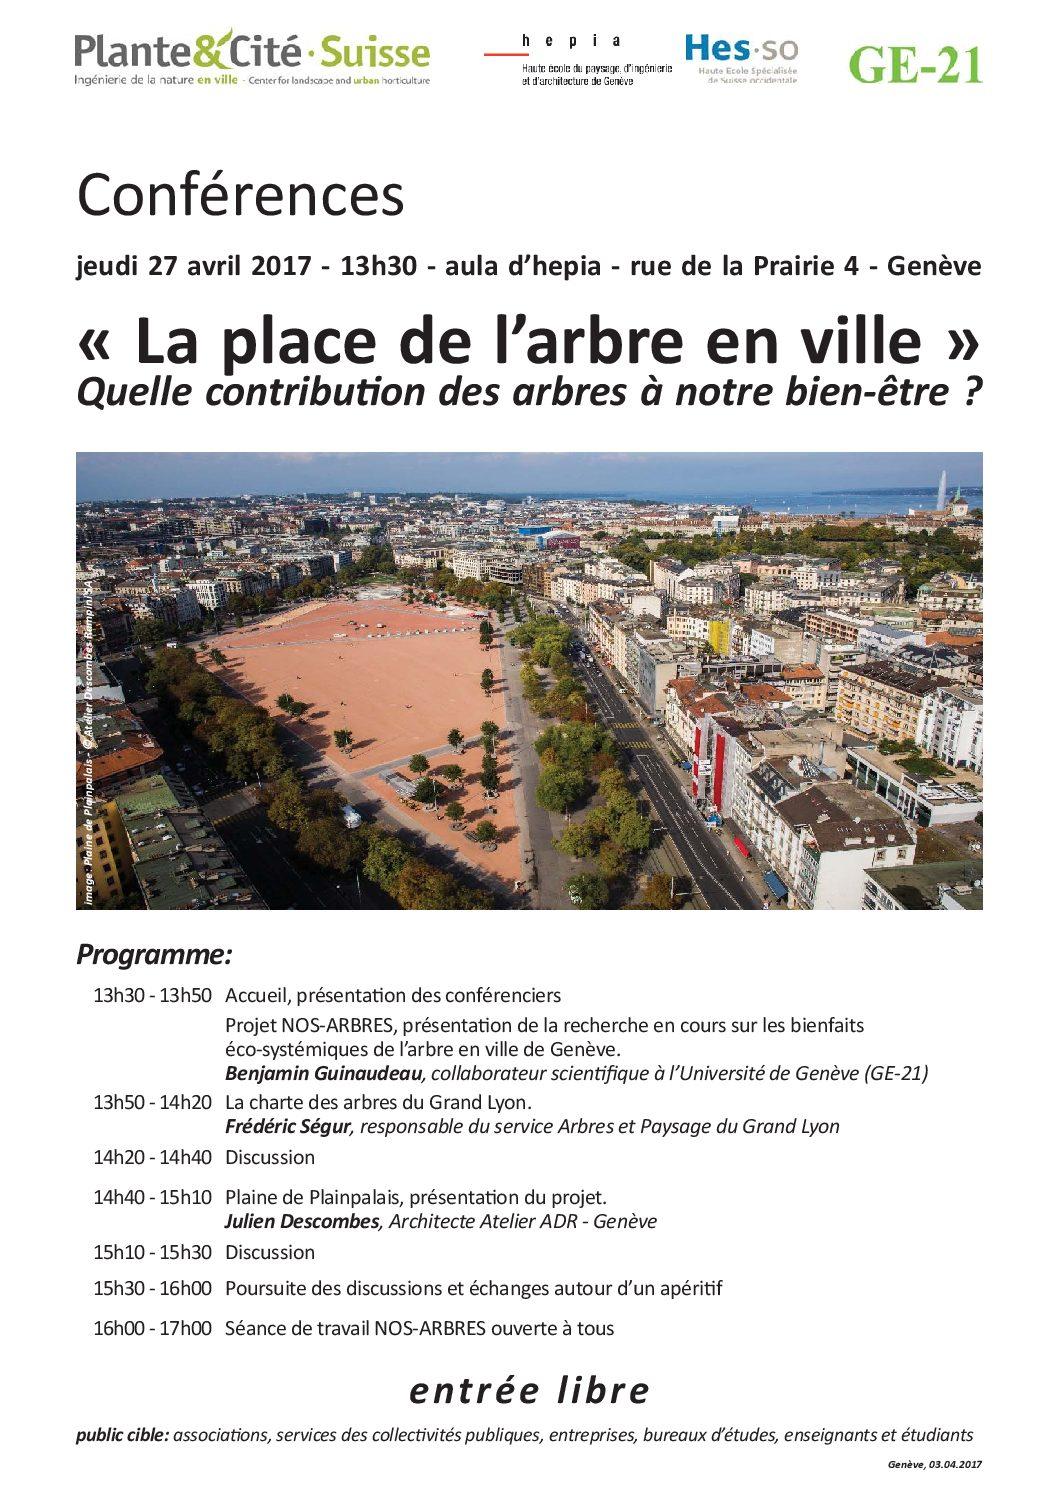 """Conférences : """"La place de l'arbre en ville"""" Quelle contribution des arbres à notre bien-être?"""